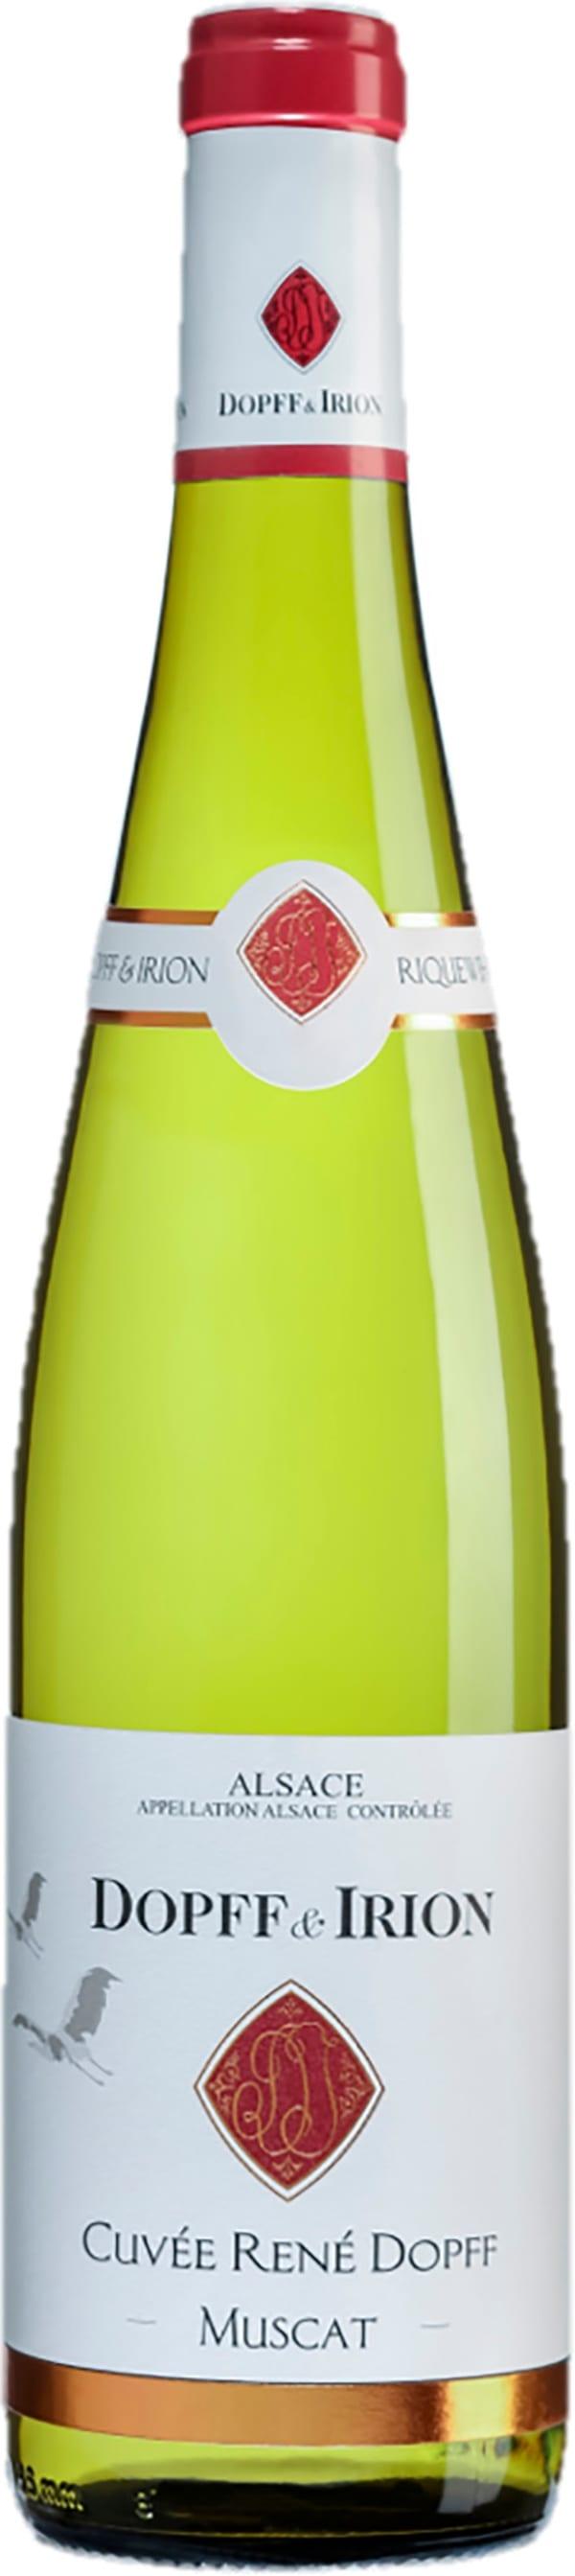 Dopff & Irion Cuvée René Dopff Muscat 2017